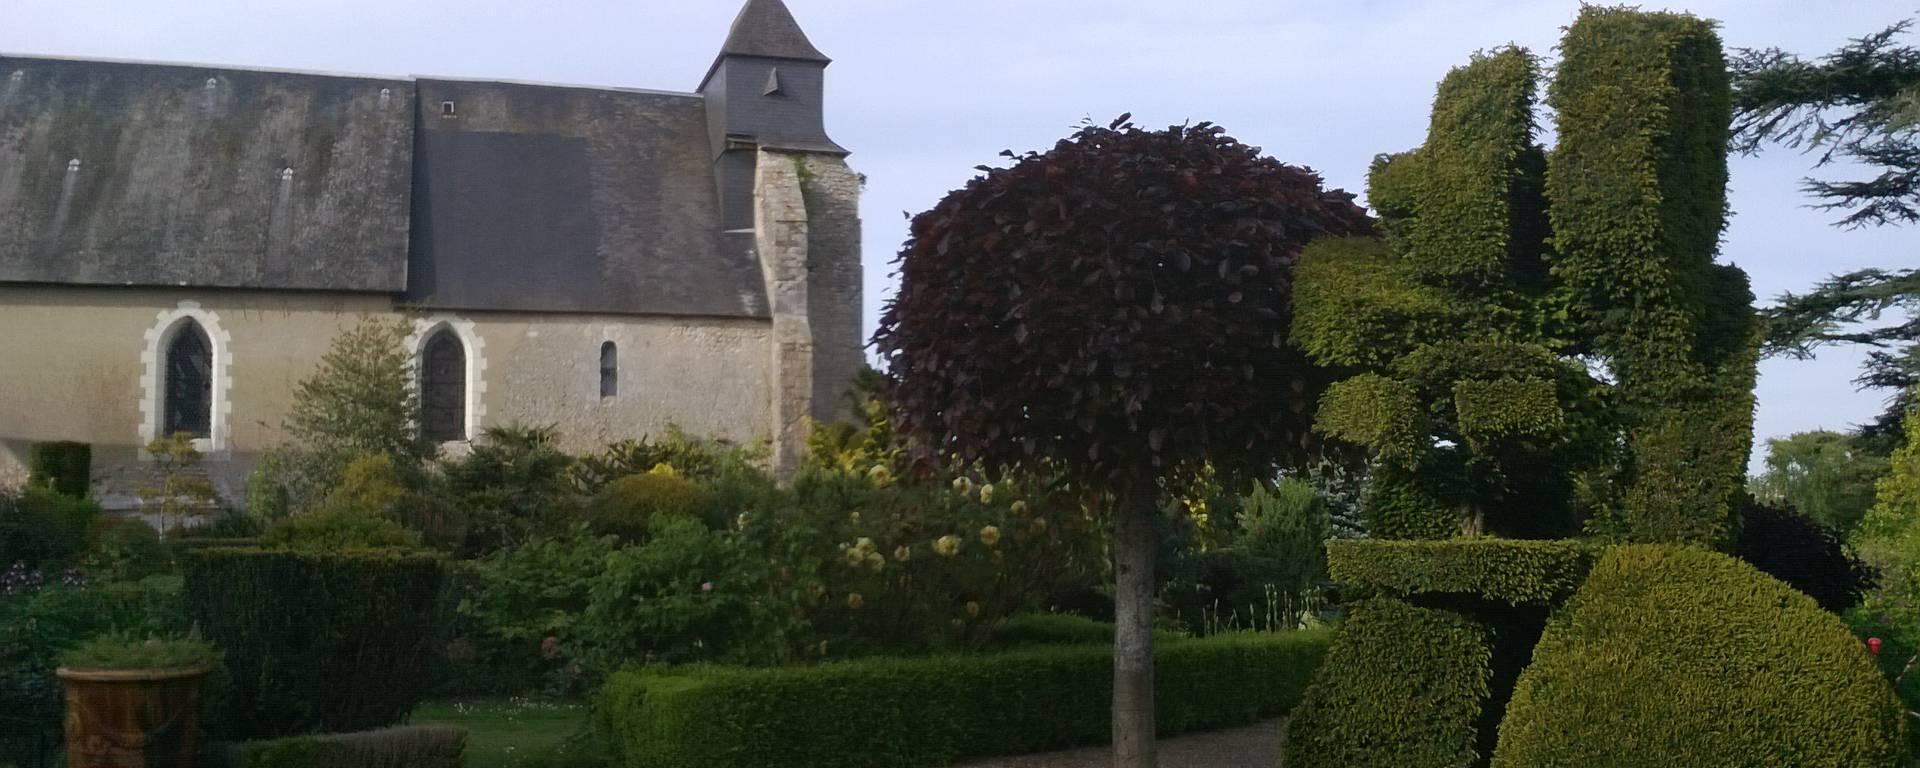 Priorato de Orchaise